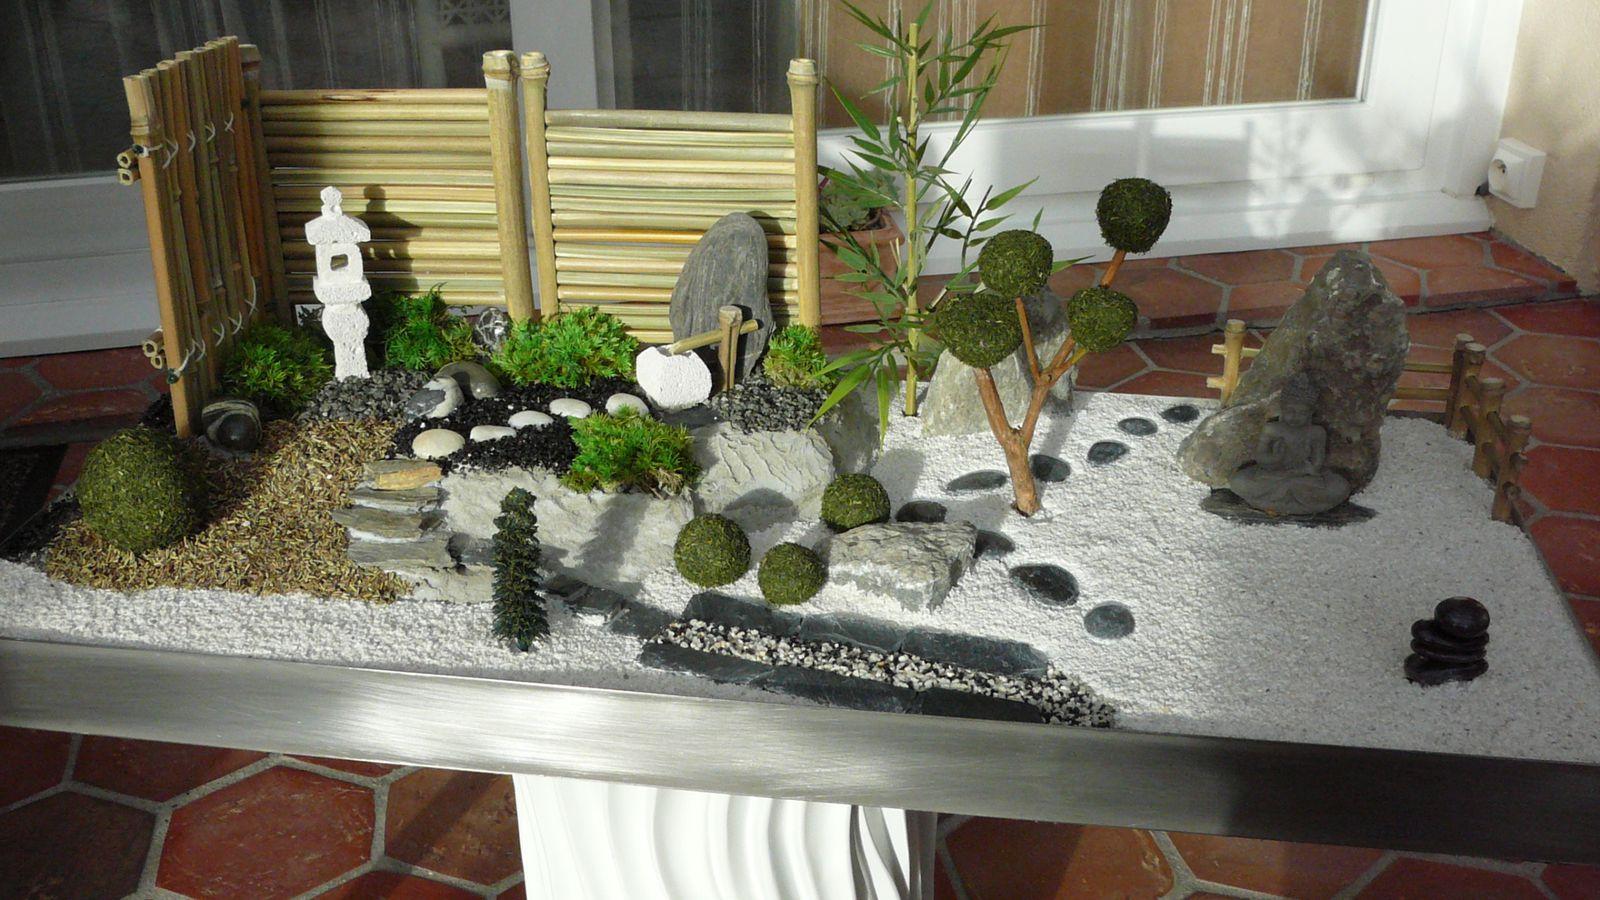 Maquette De Jardin Japonais - Loisirscreatifs-A-Patou ... encequiconcerne Modele De Jardin Japonais